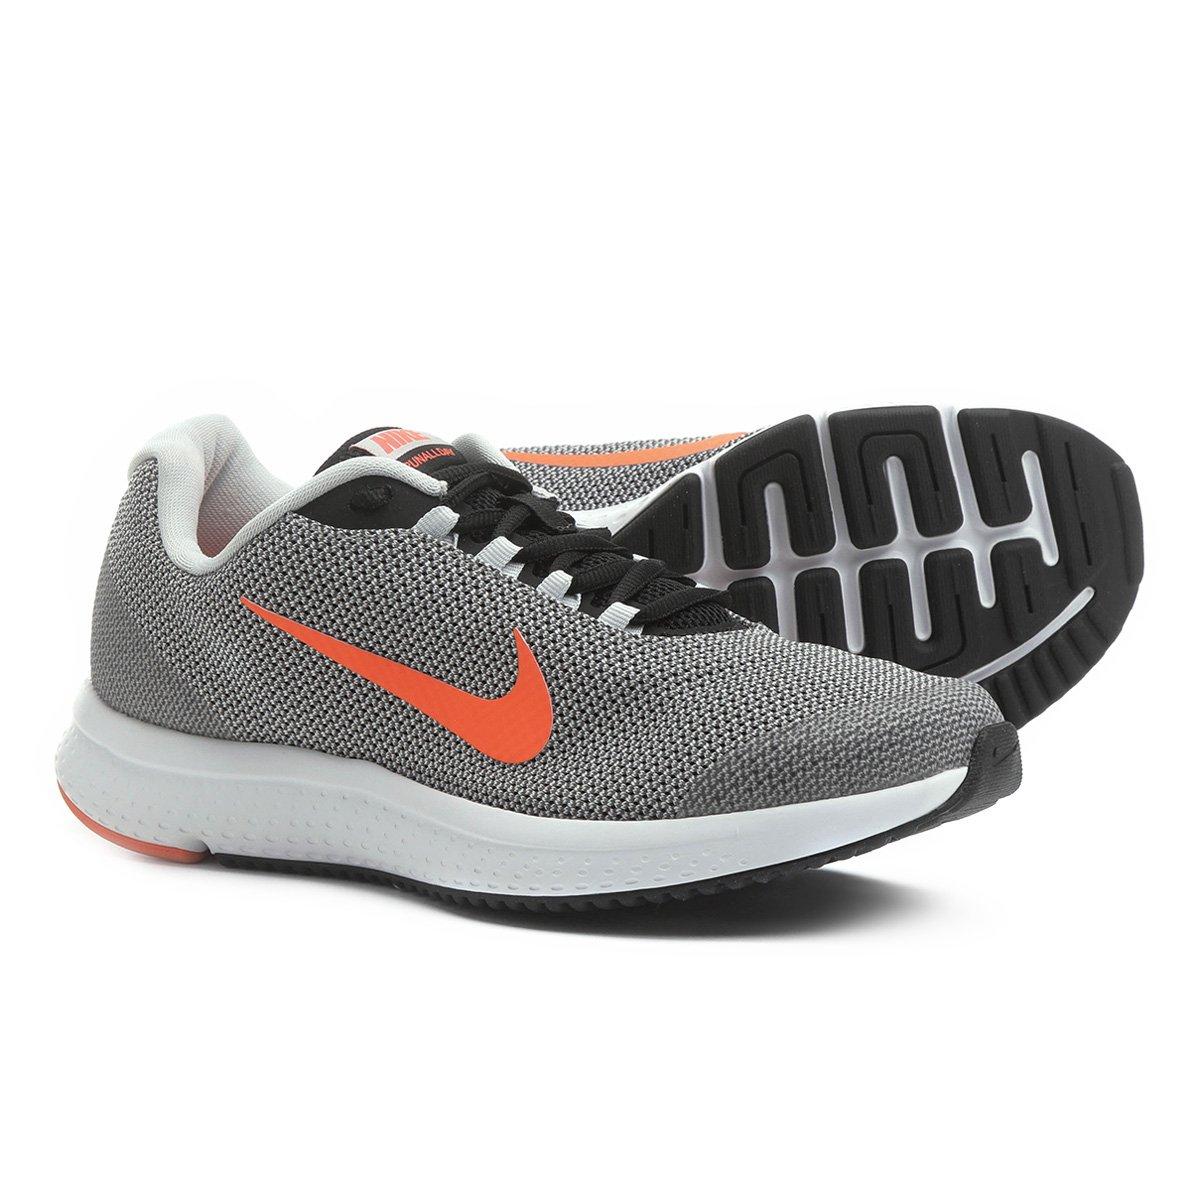 5be9b94f0420b Tênis Nike Runallday Masculino - Prata e Vermelho - Compre Agora ...